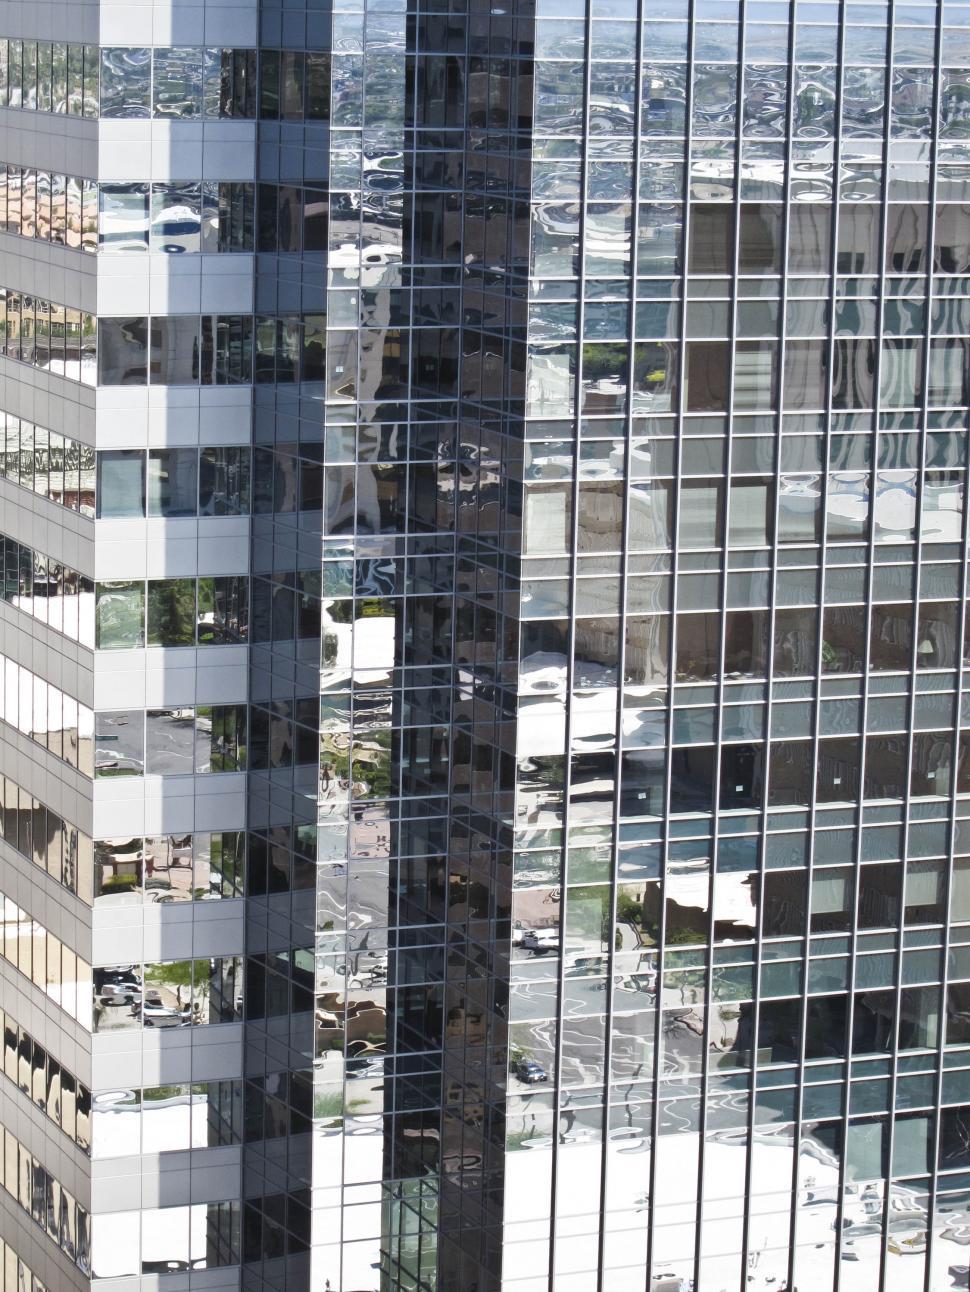 Download Free Stock Photo of Skyscraper